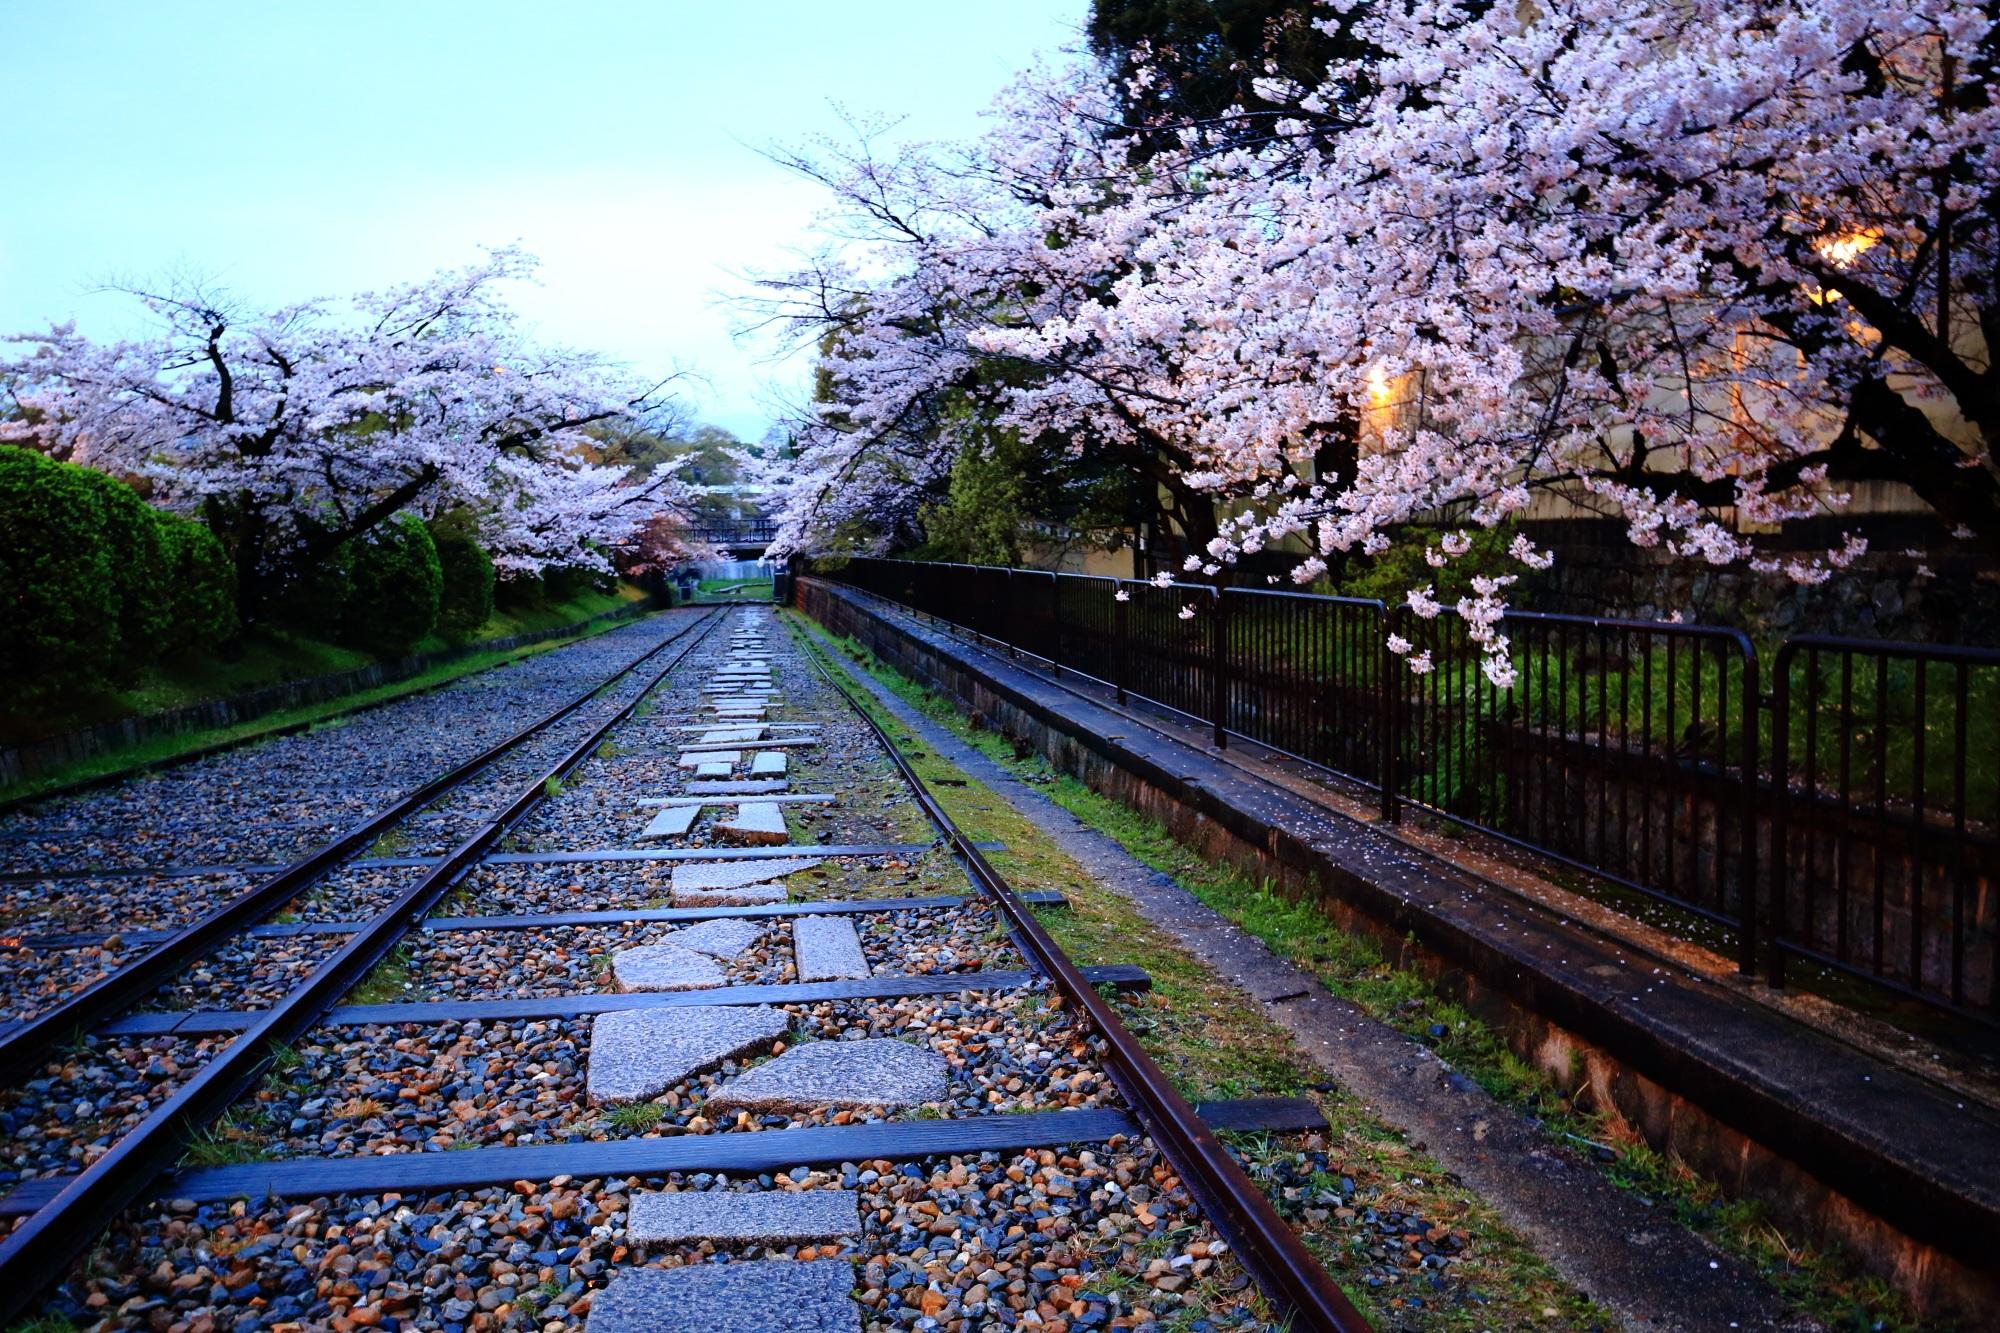 雨に濡れた線路と続く華やかな桜並木